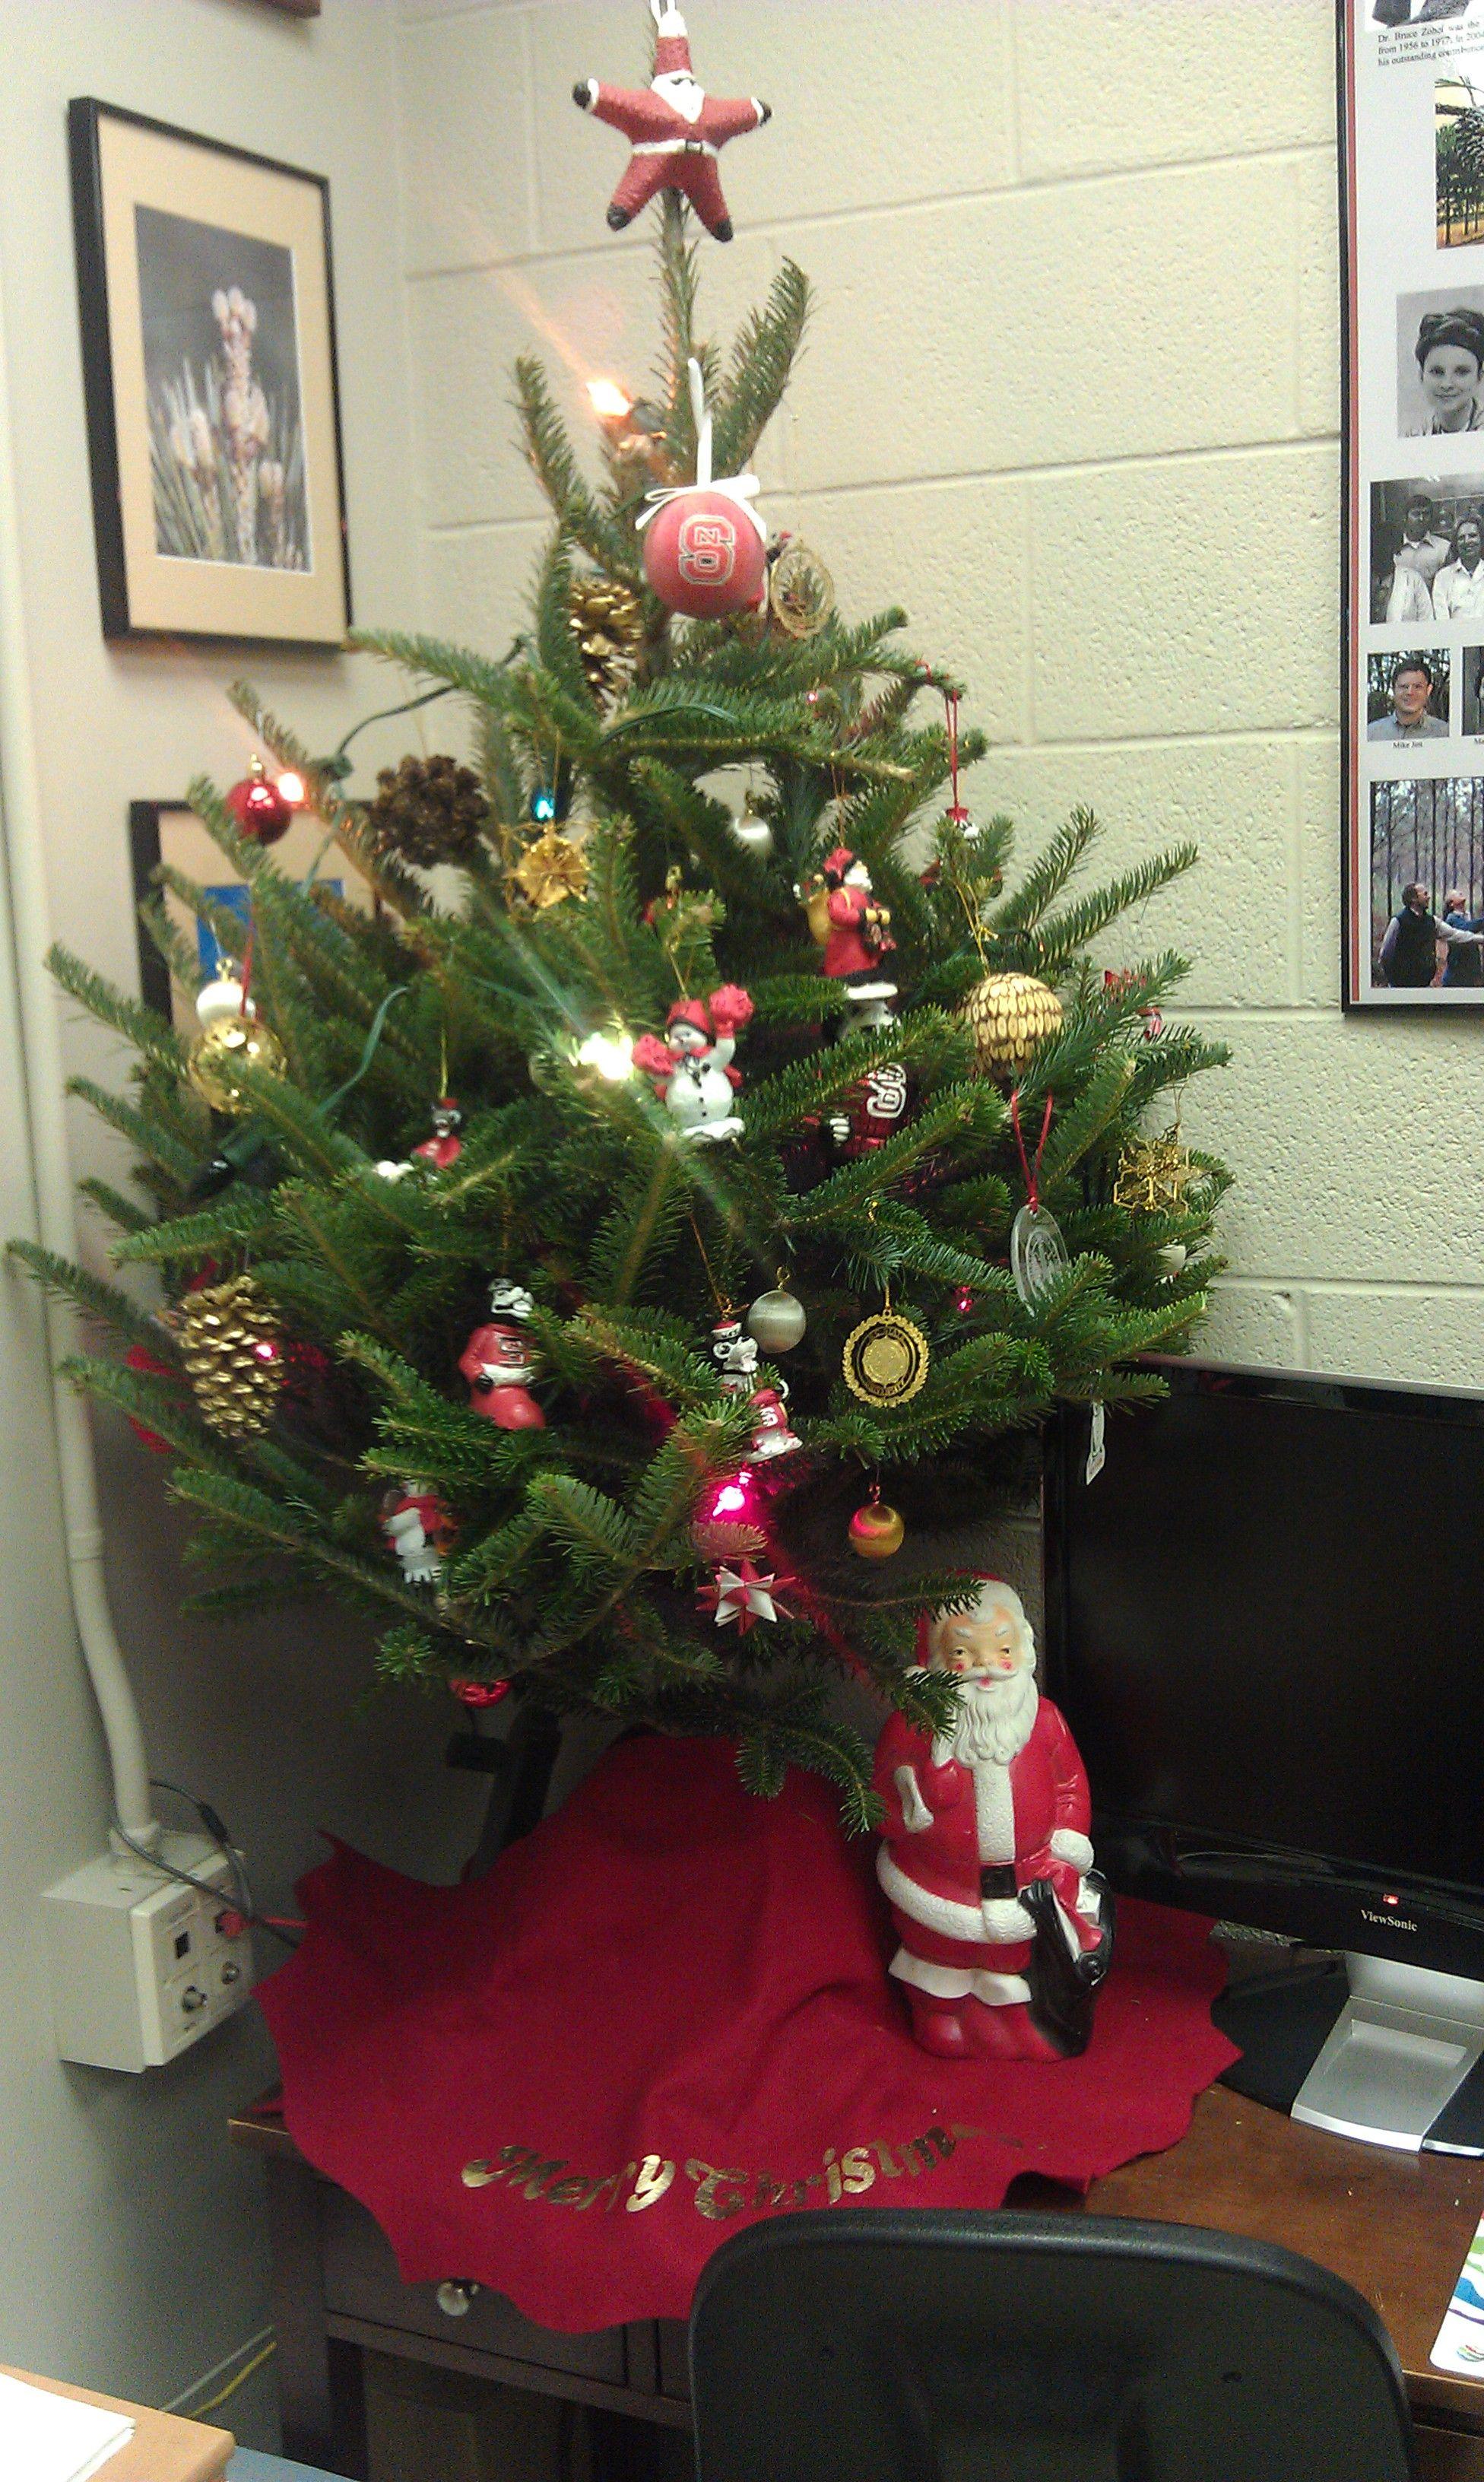 A Nc State Christmas Tree State Christmas Tree Christmas Tree Holiday Decor